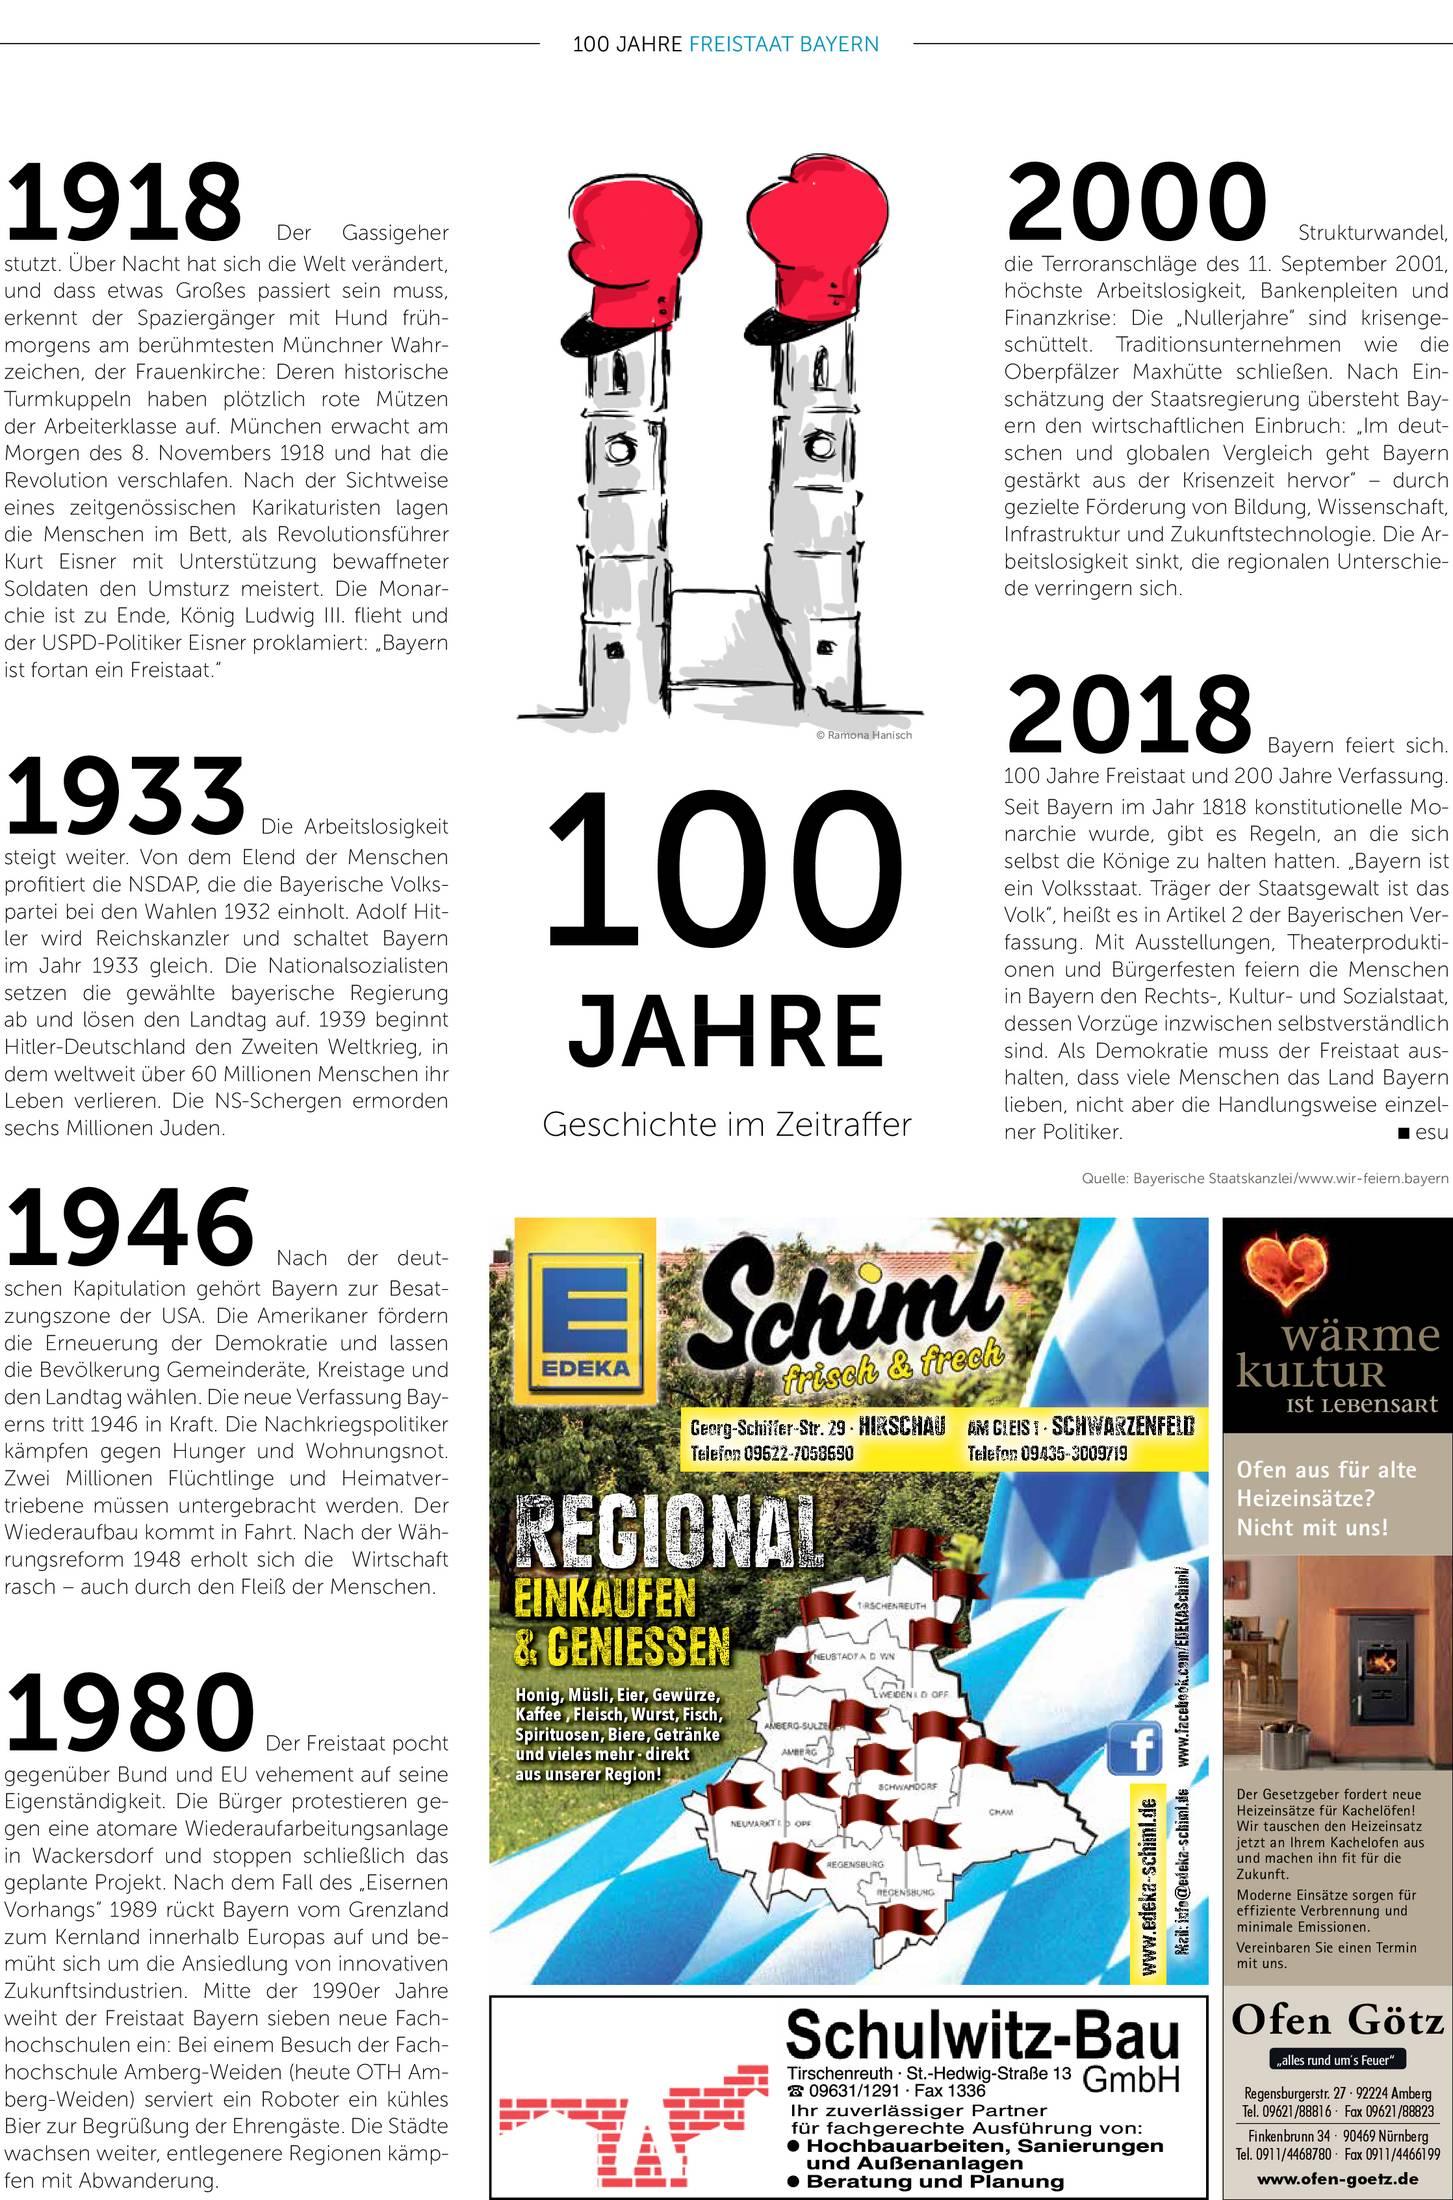 Bayern Feiern 100 Jahre Freistaat Onetz